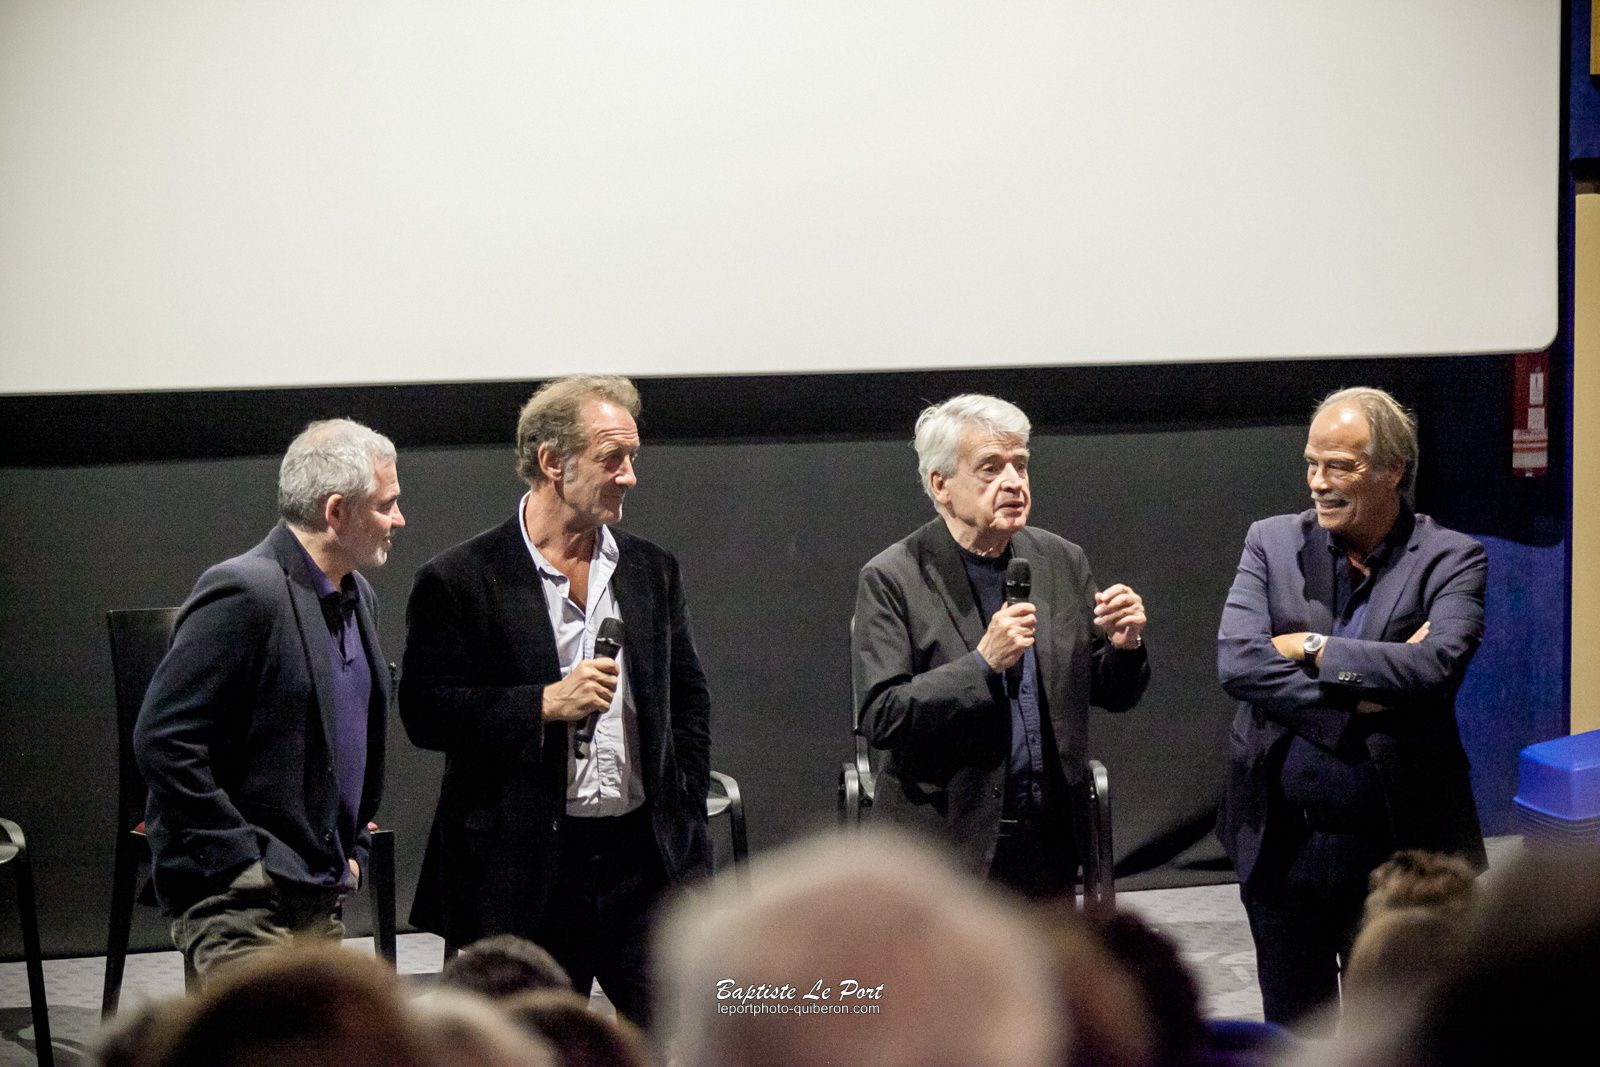 20 septembre - Alain Cavallier et Vincent Lindon au cinéma Paradis